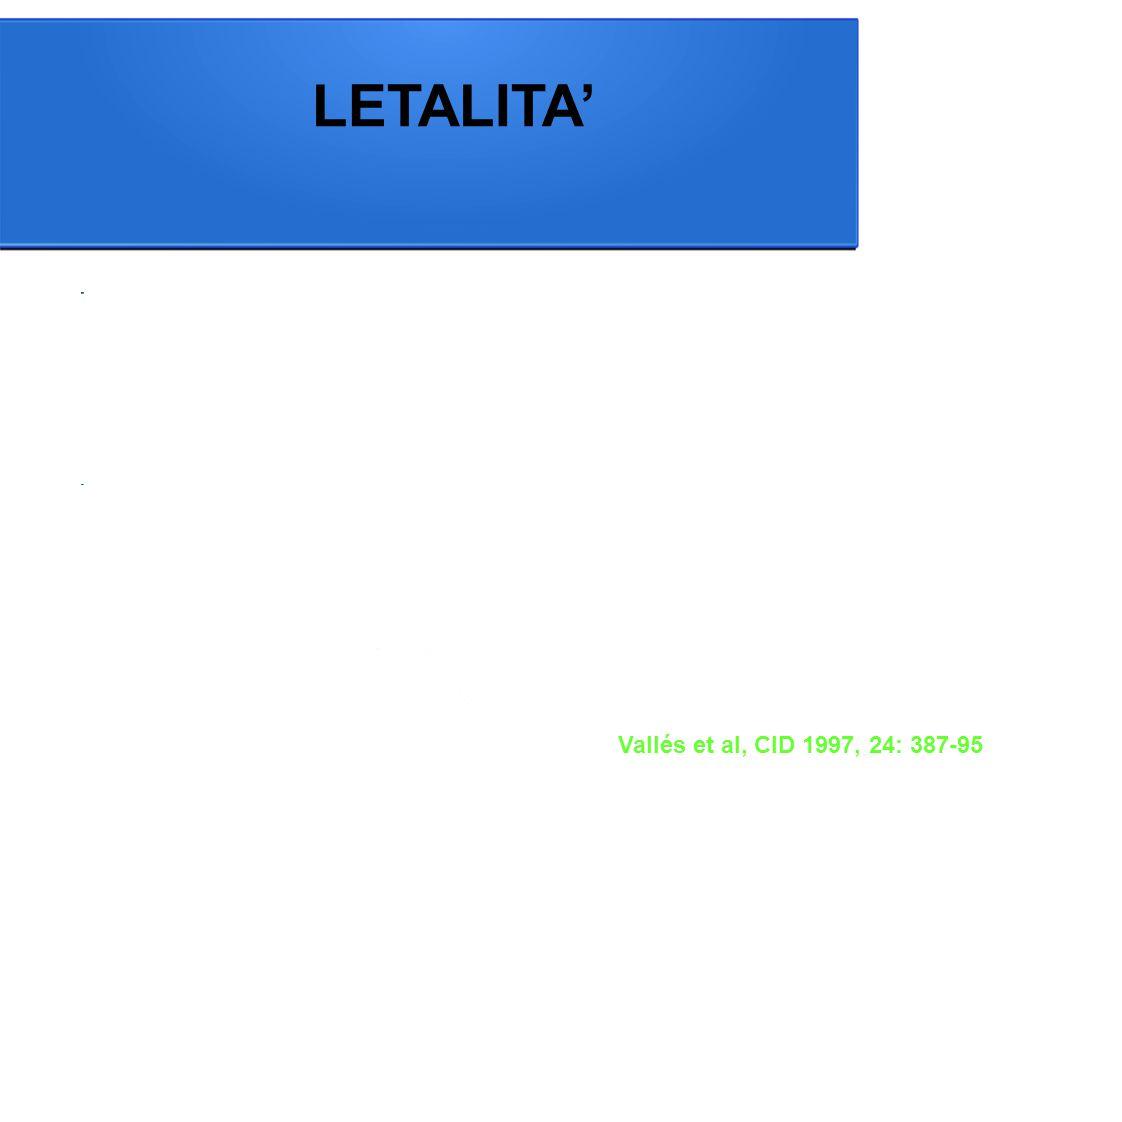 LETALITA' Vallés et al, CID 1997, 24: 387-95